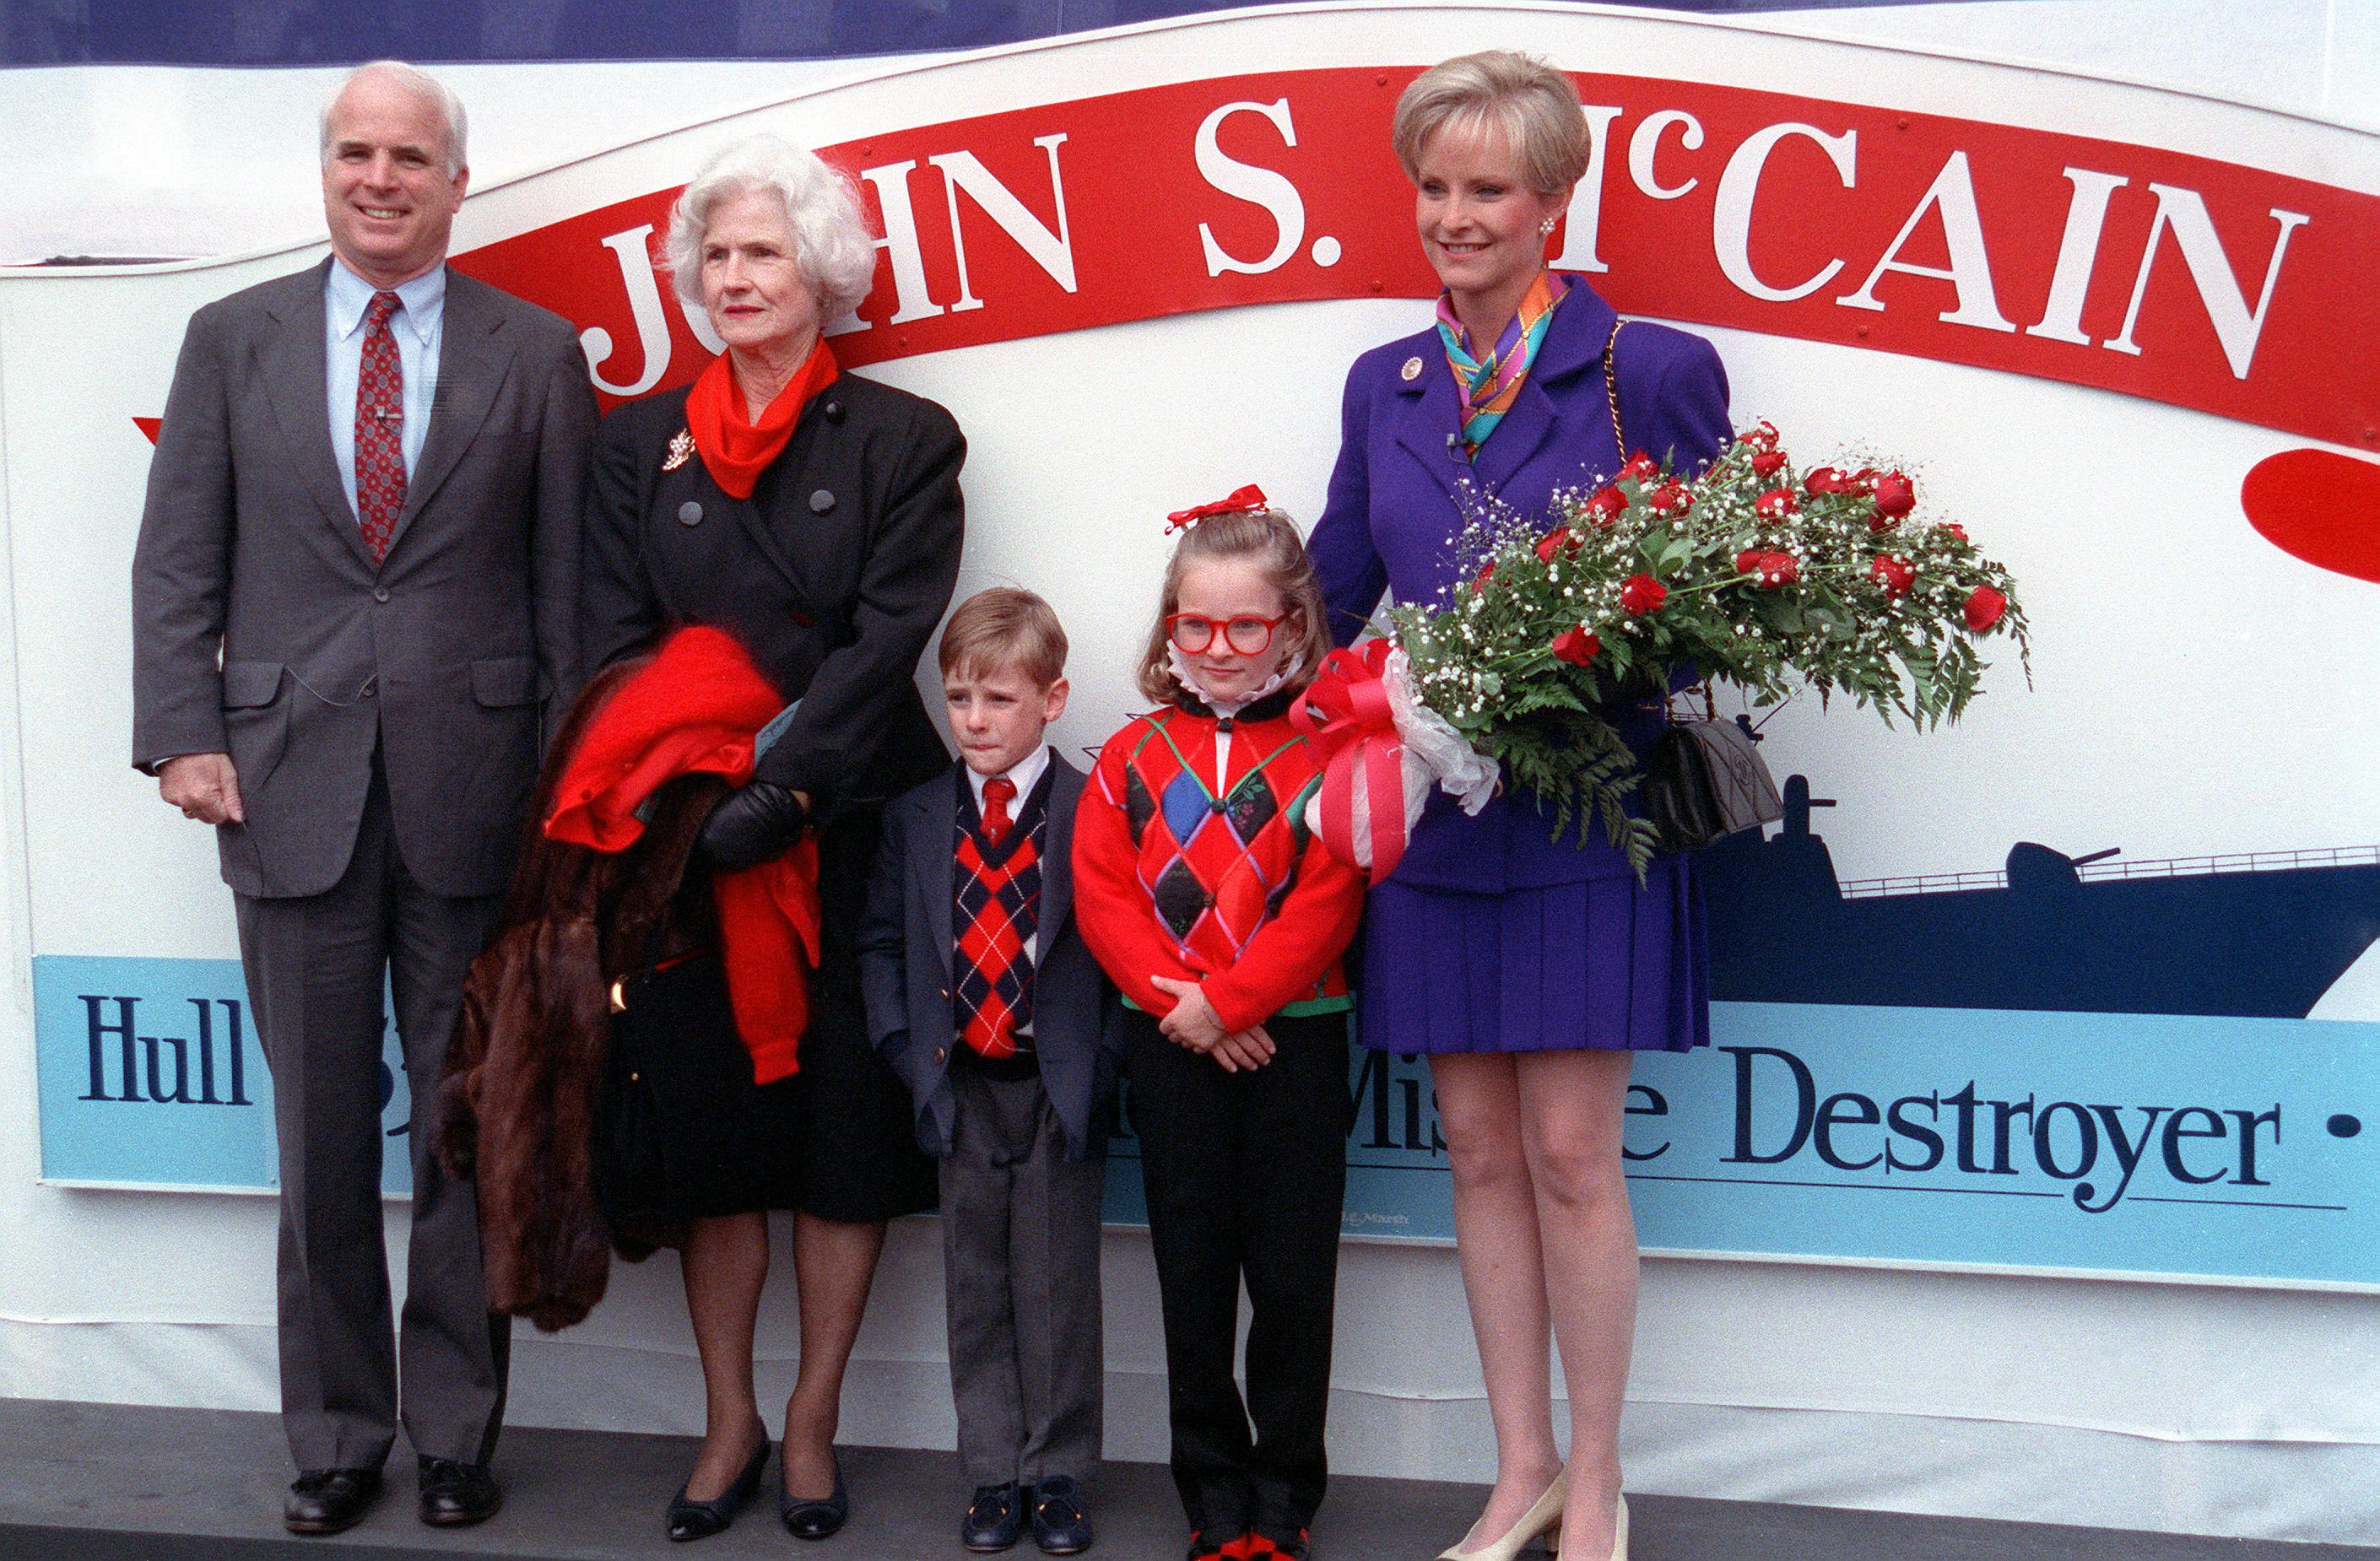 McCain family at christening of USS John S. McCain (DDG-56)